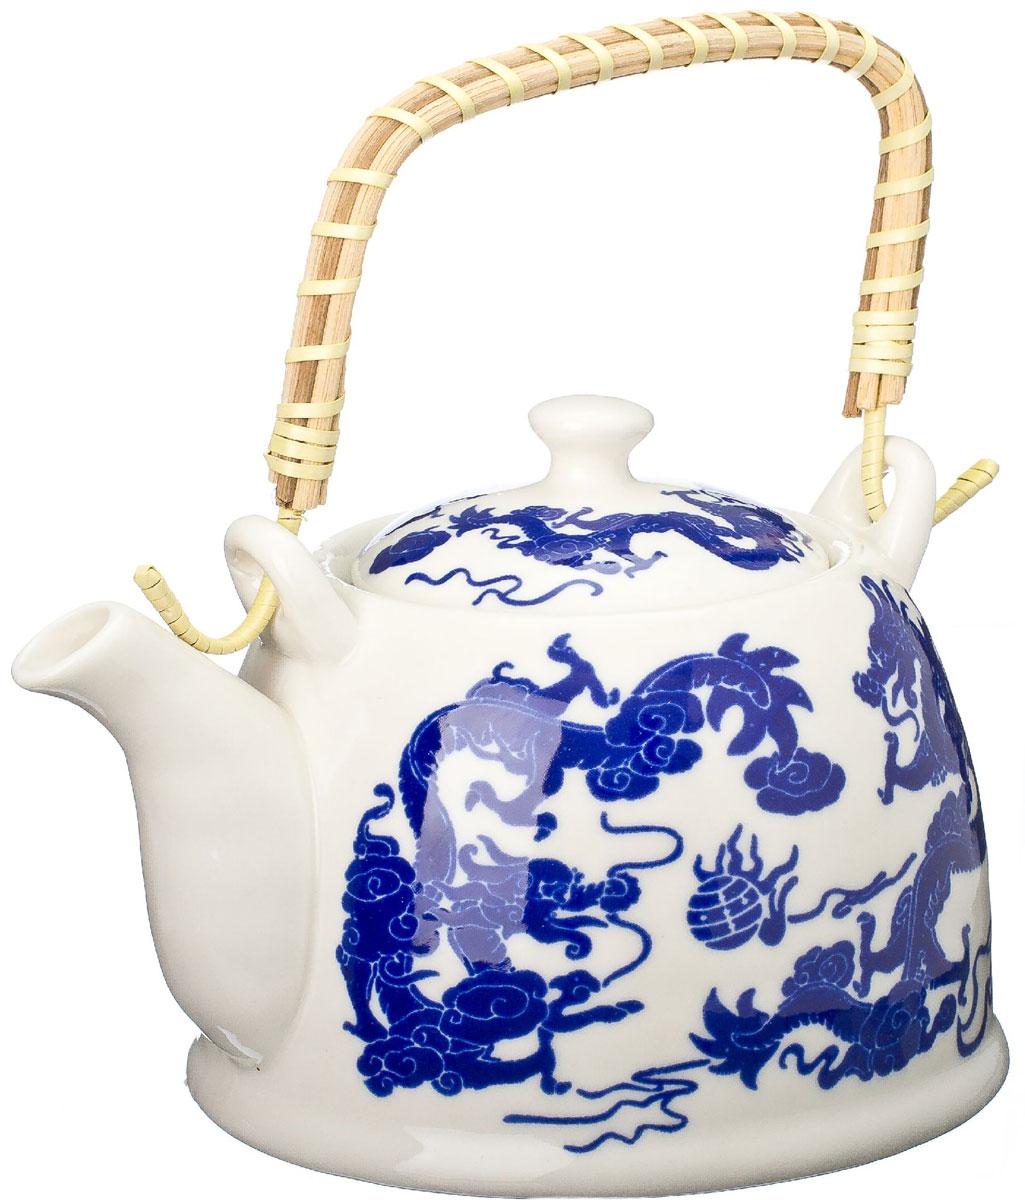 Чайник заварочный Vetta Синий дракон, с фильтром, 900 мл839019Украсьте свое чаепитие изысканным чайником Синий дракон, декорированный красочным изображением дракона. В чайнике имеется металлическое ситечко, ручка чайника декорирована бамбуковым волокном. В этом красивом чайнике чай получается очень насыщенным, ароматным и долго остается горячим. Упакован в подарочный короб, что может послужить отличным подарком родным и близким.